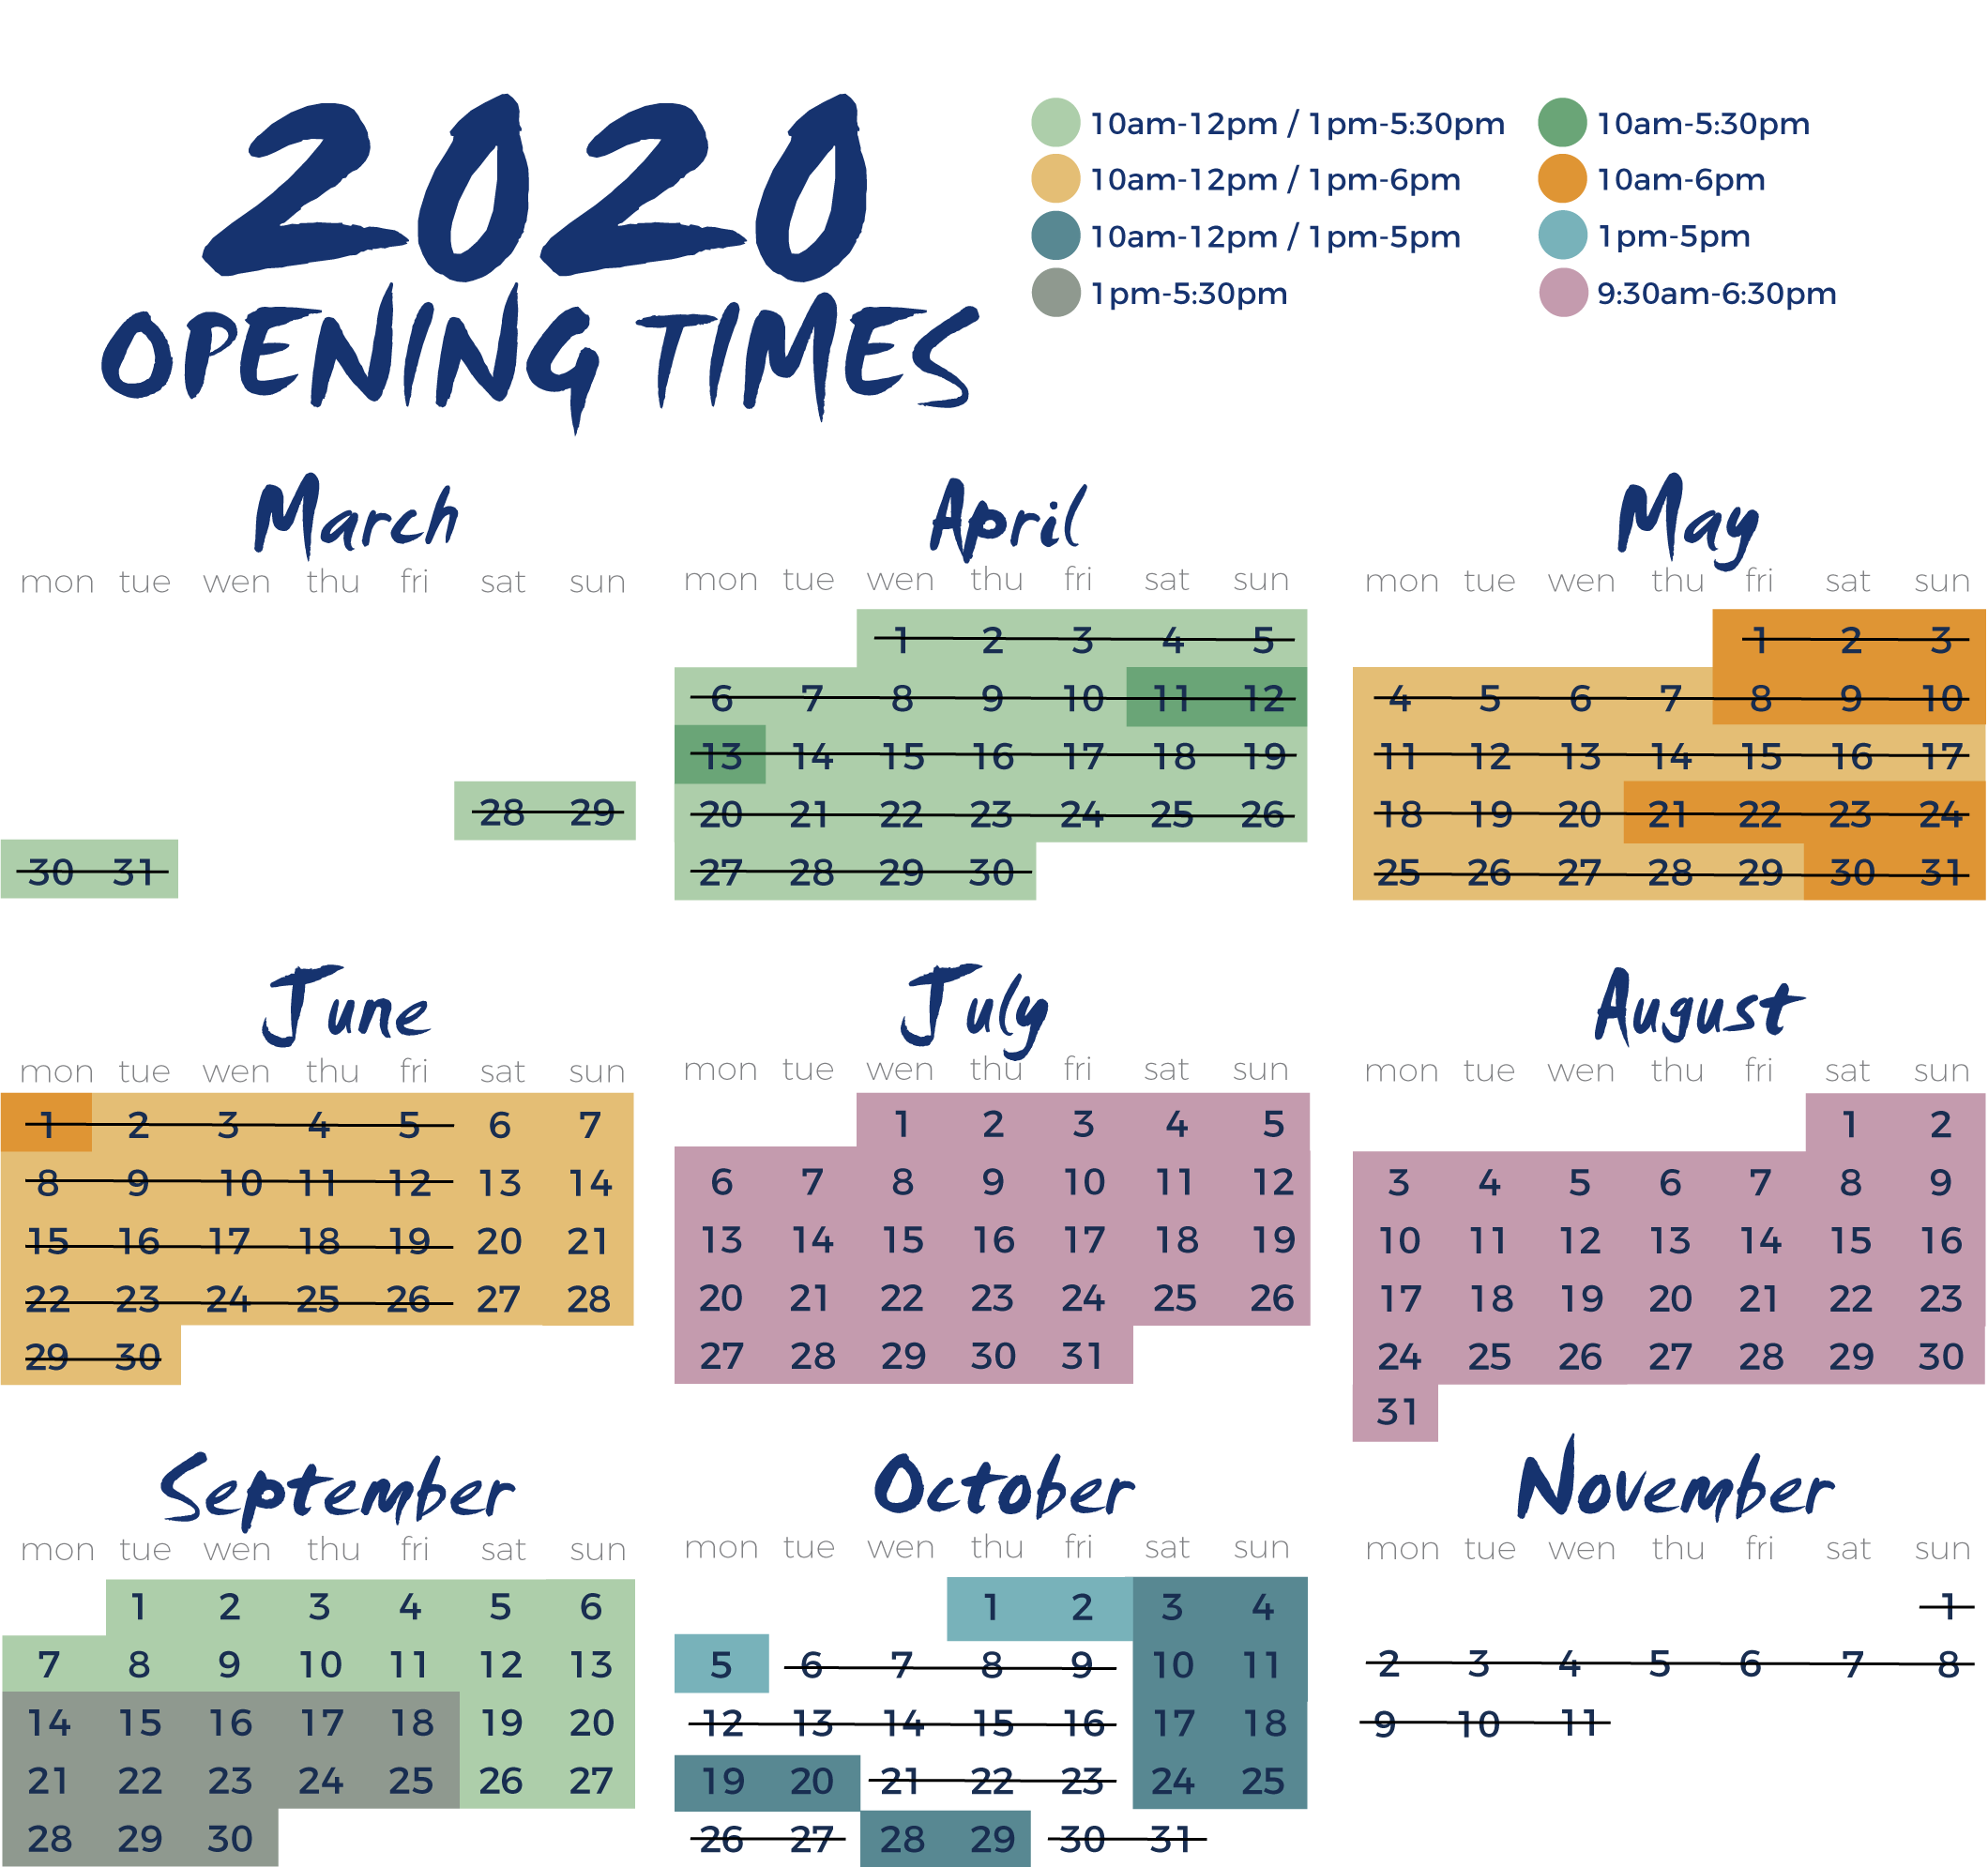 horaires_ouverture_2020_fds_en_new